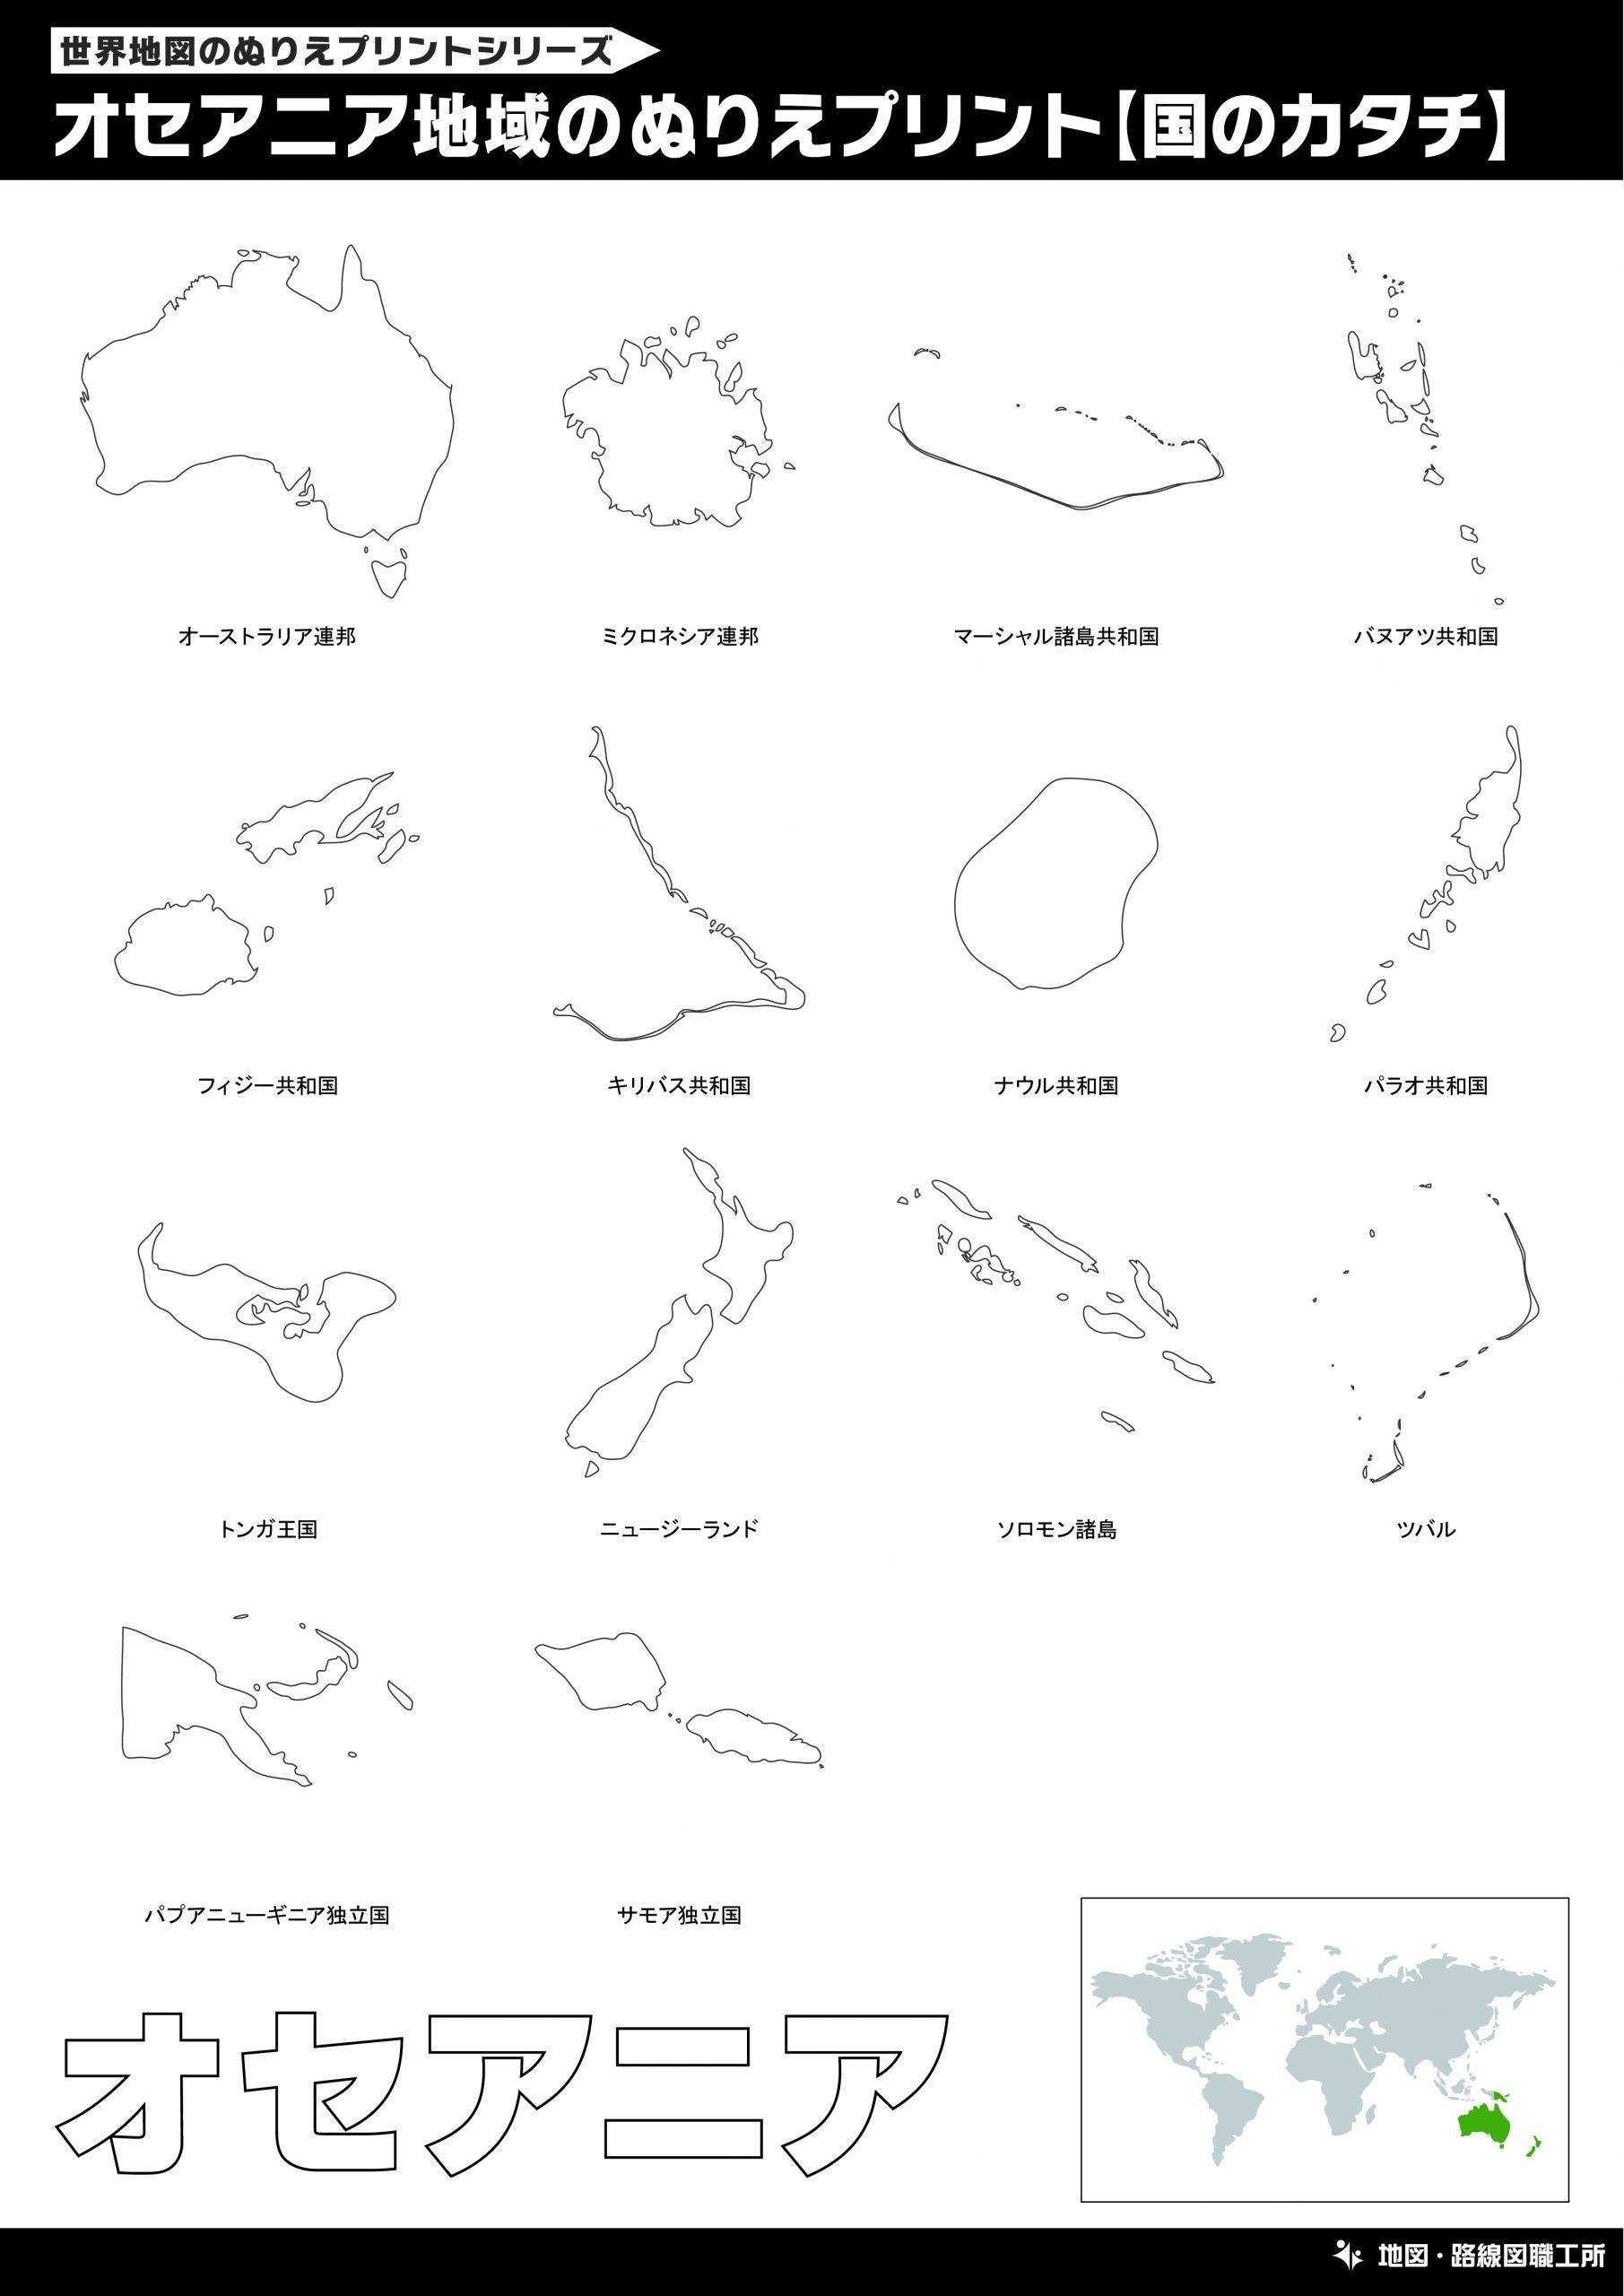 オセアニア地図のぬりえ 国ごと